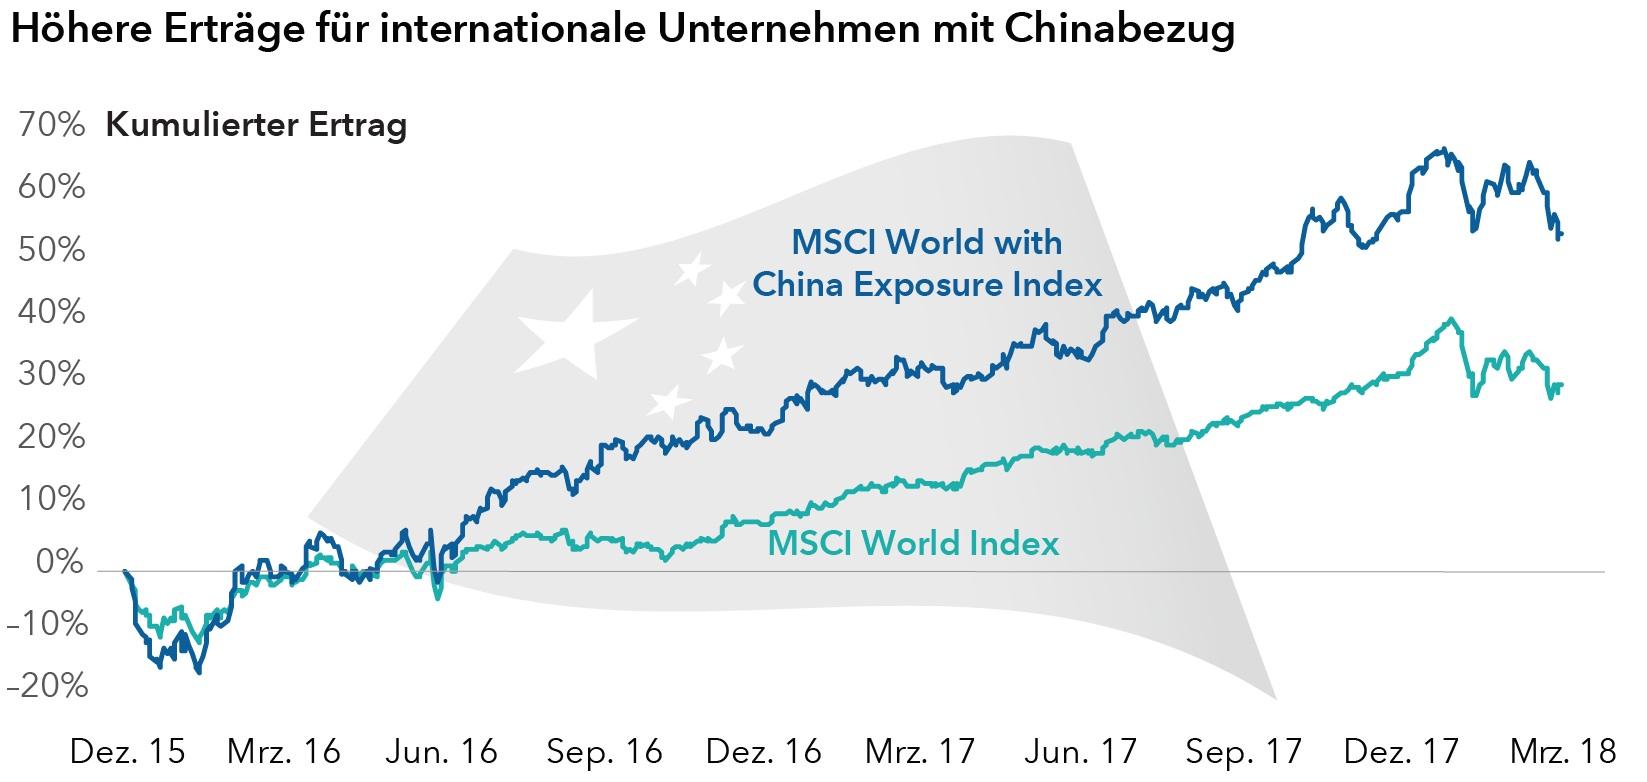 Unternehmen-china in Chancen in China trotz Handelskonflikt